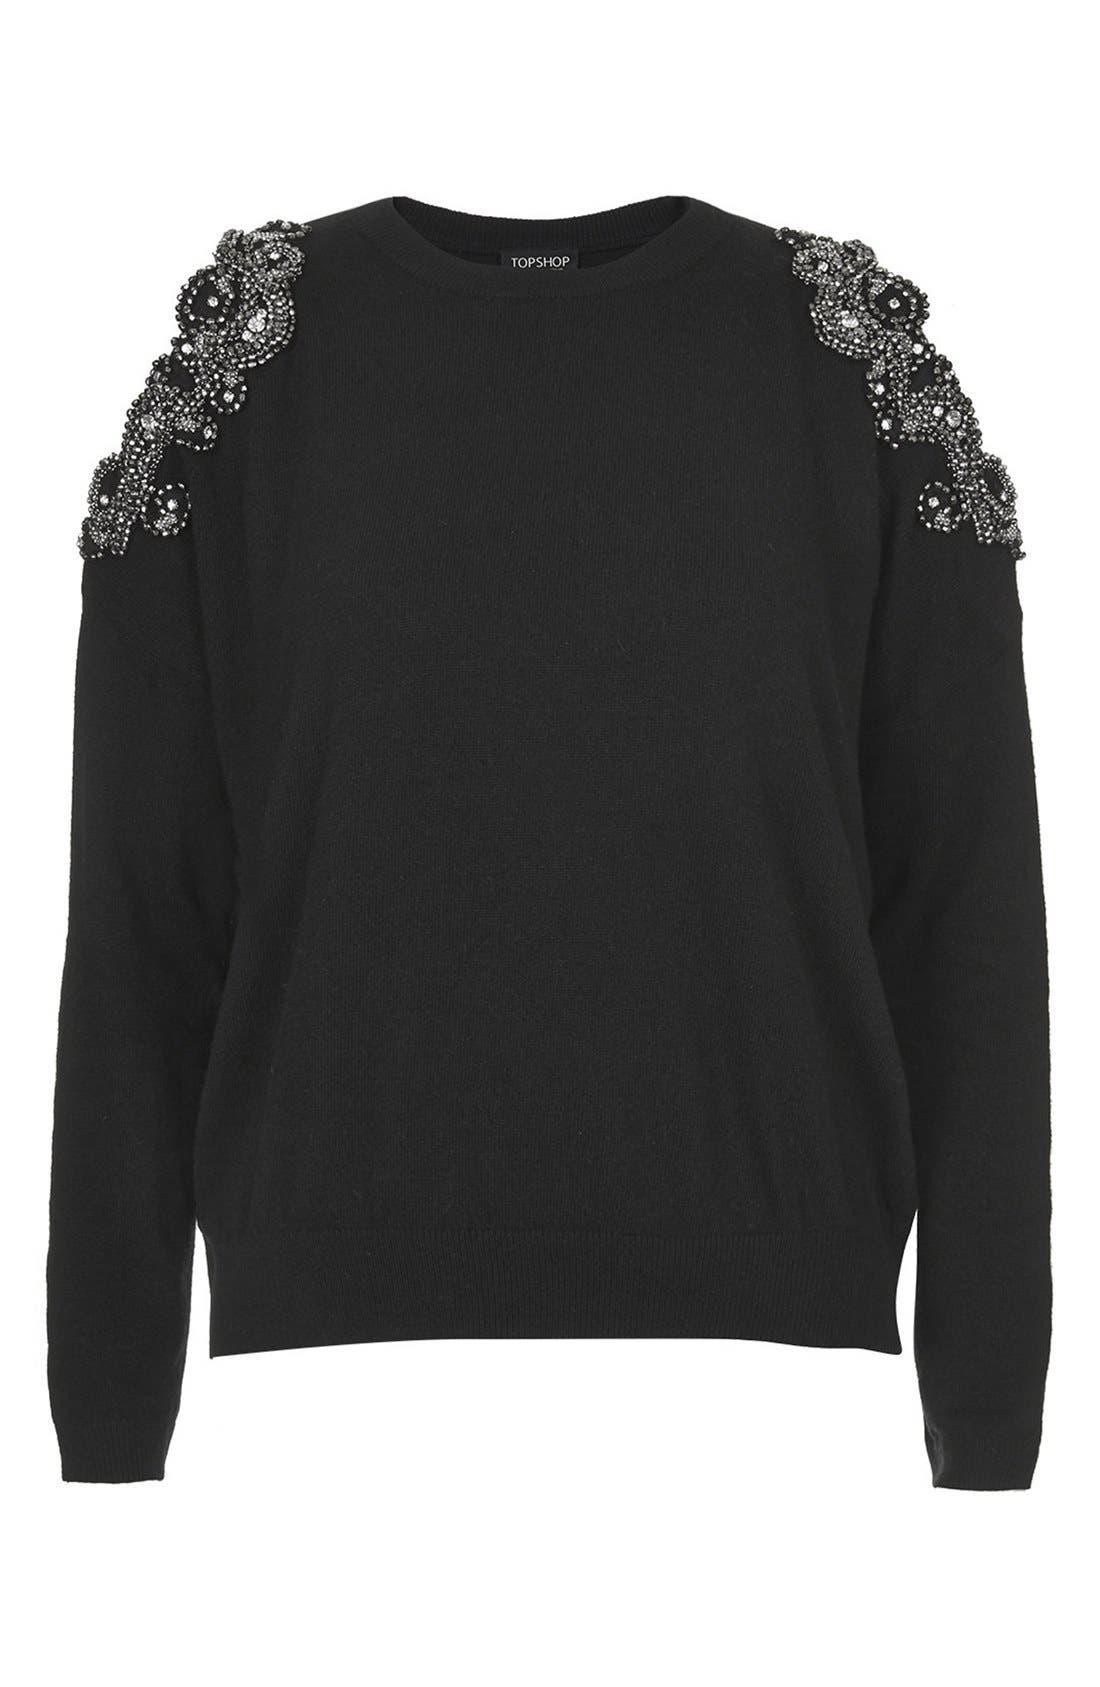 Alternate Image 3  - Topshop Embellished Cold Shoulder Sweater